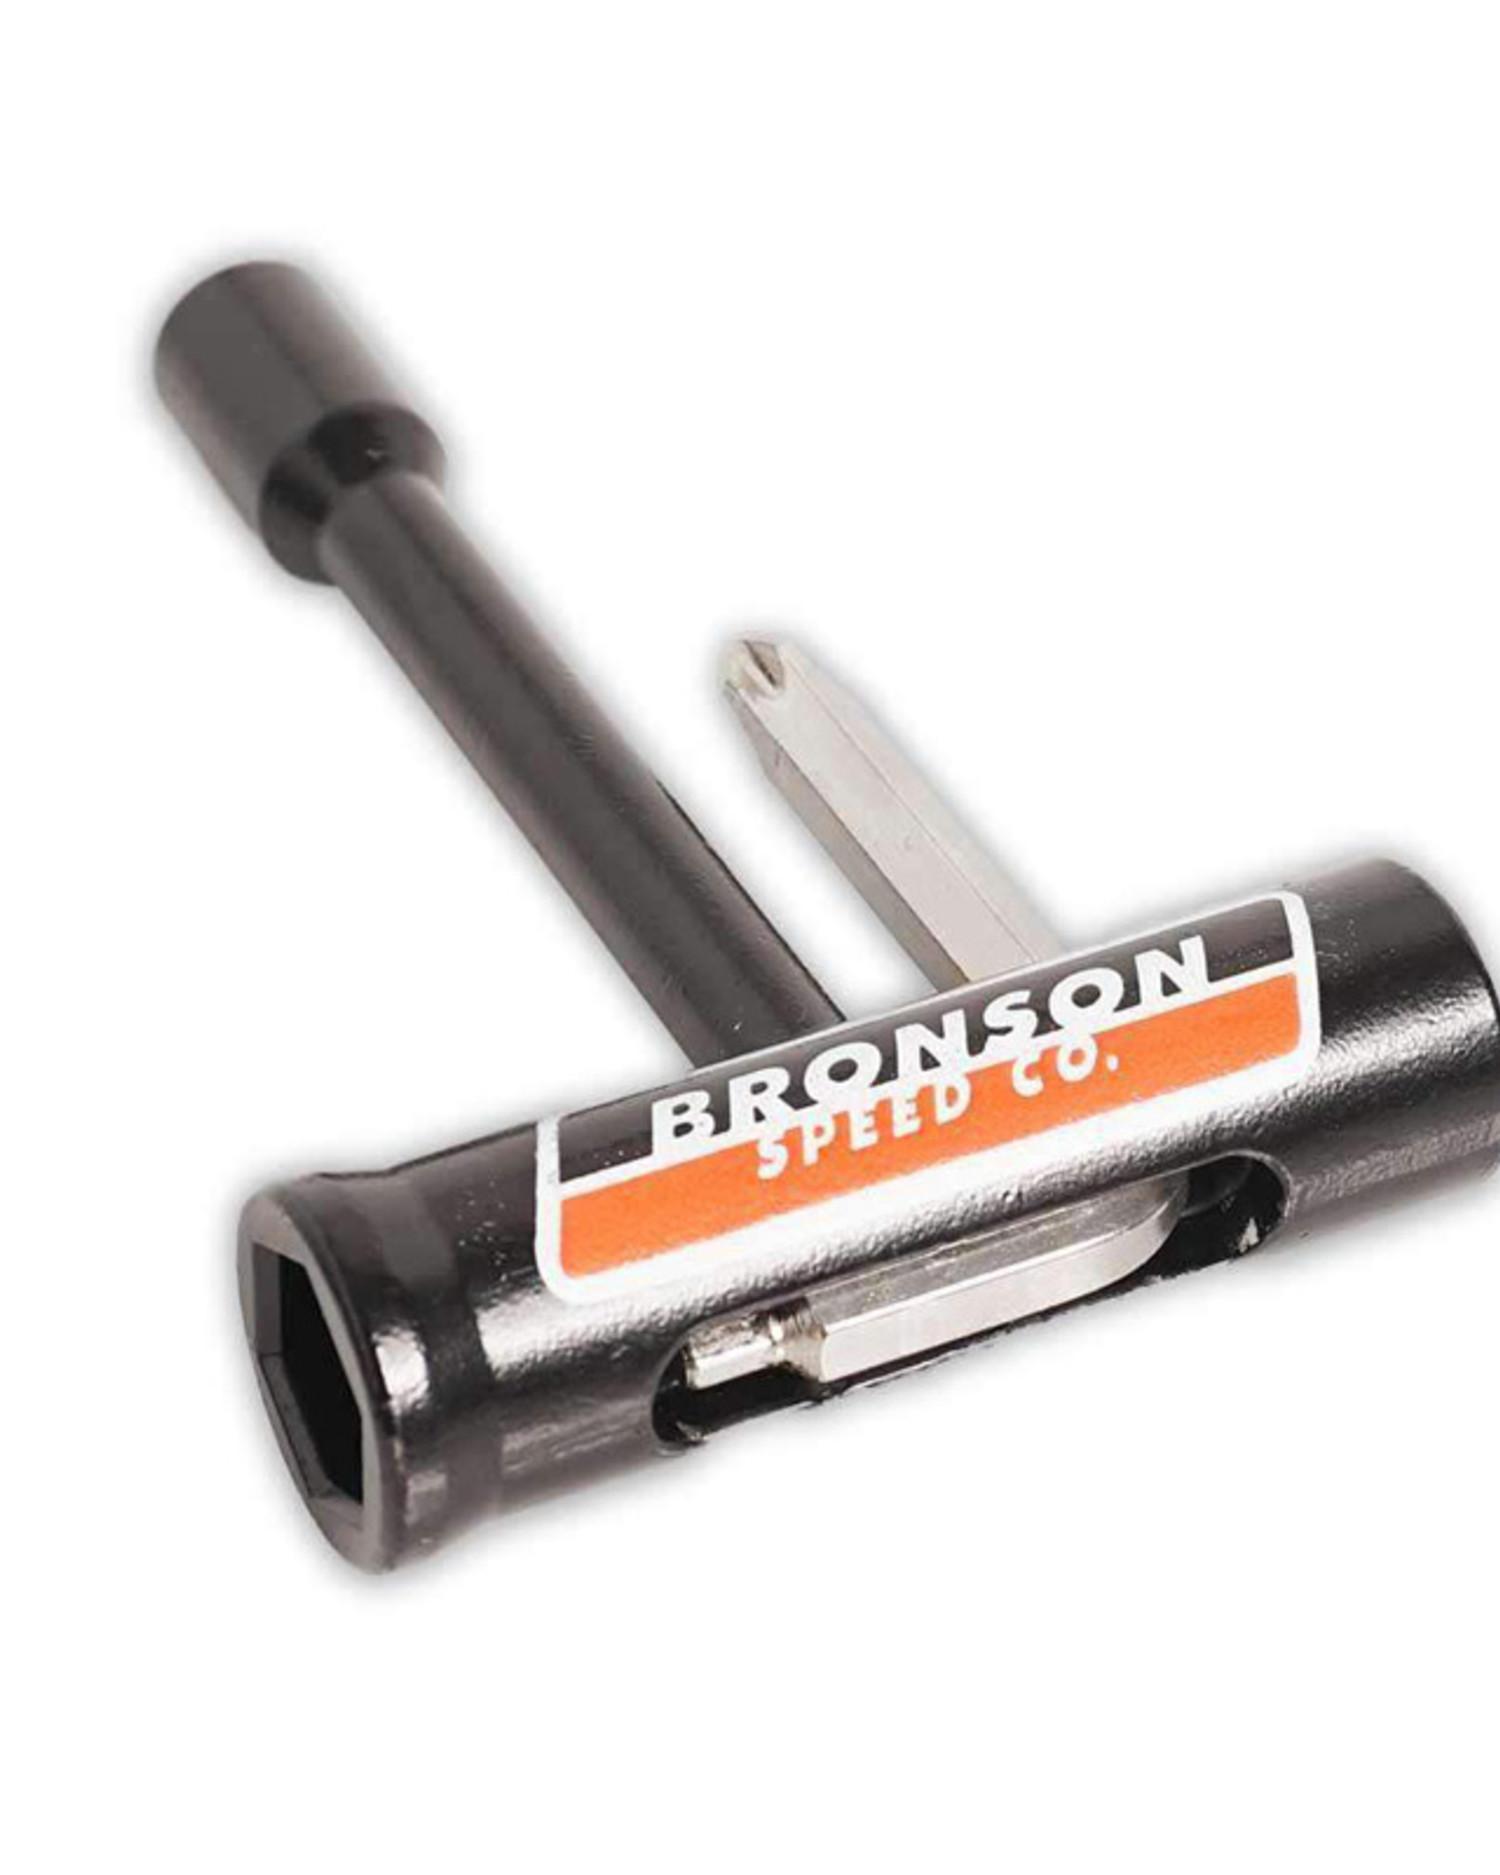 Bronson Speed Co Bearing Saver Skate Tool